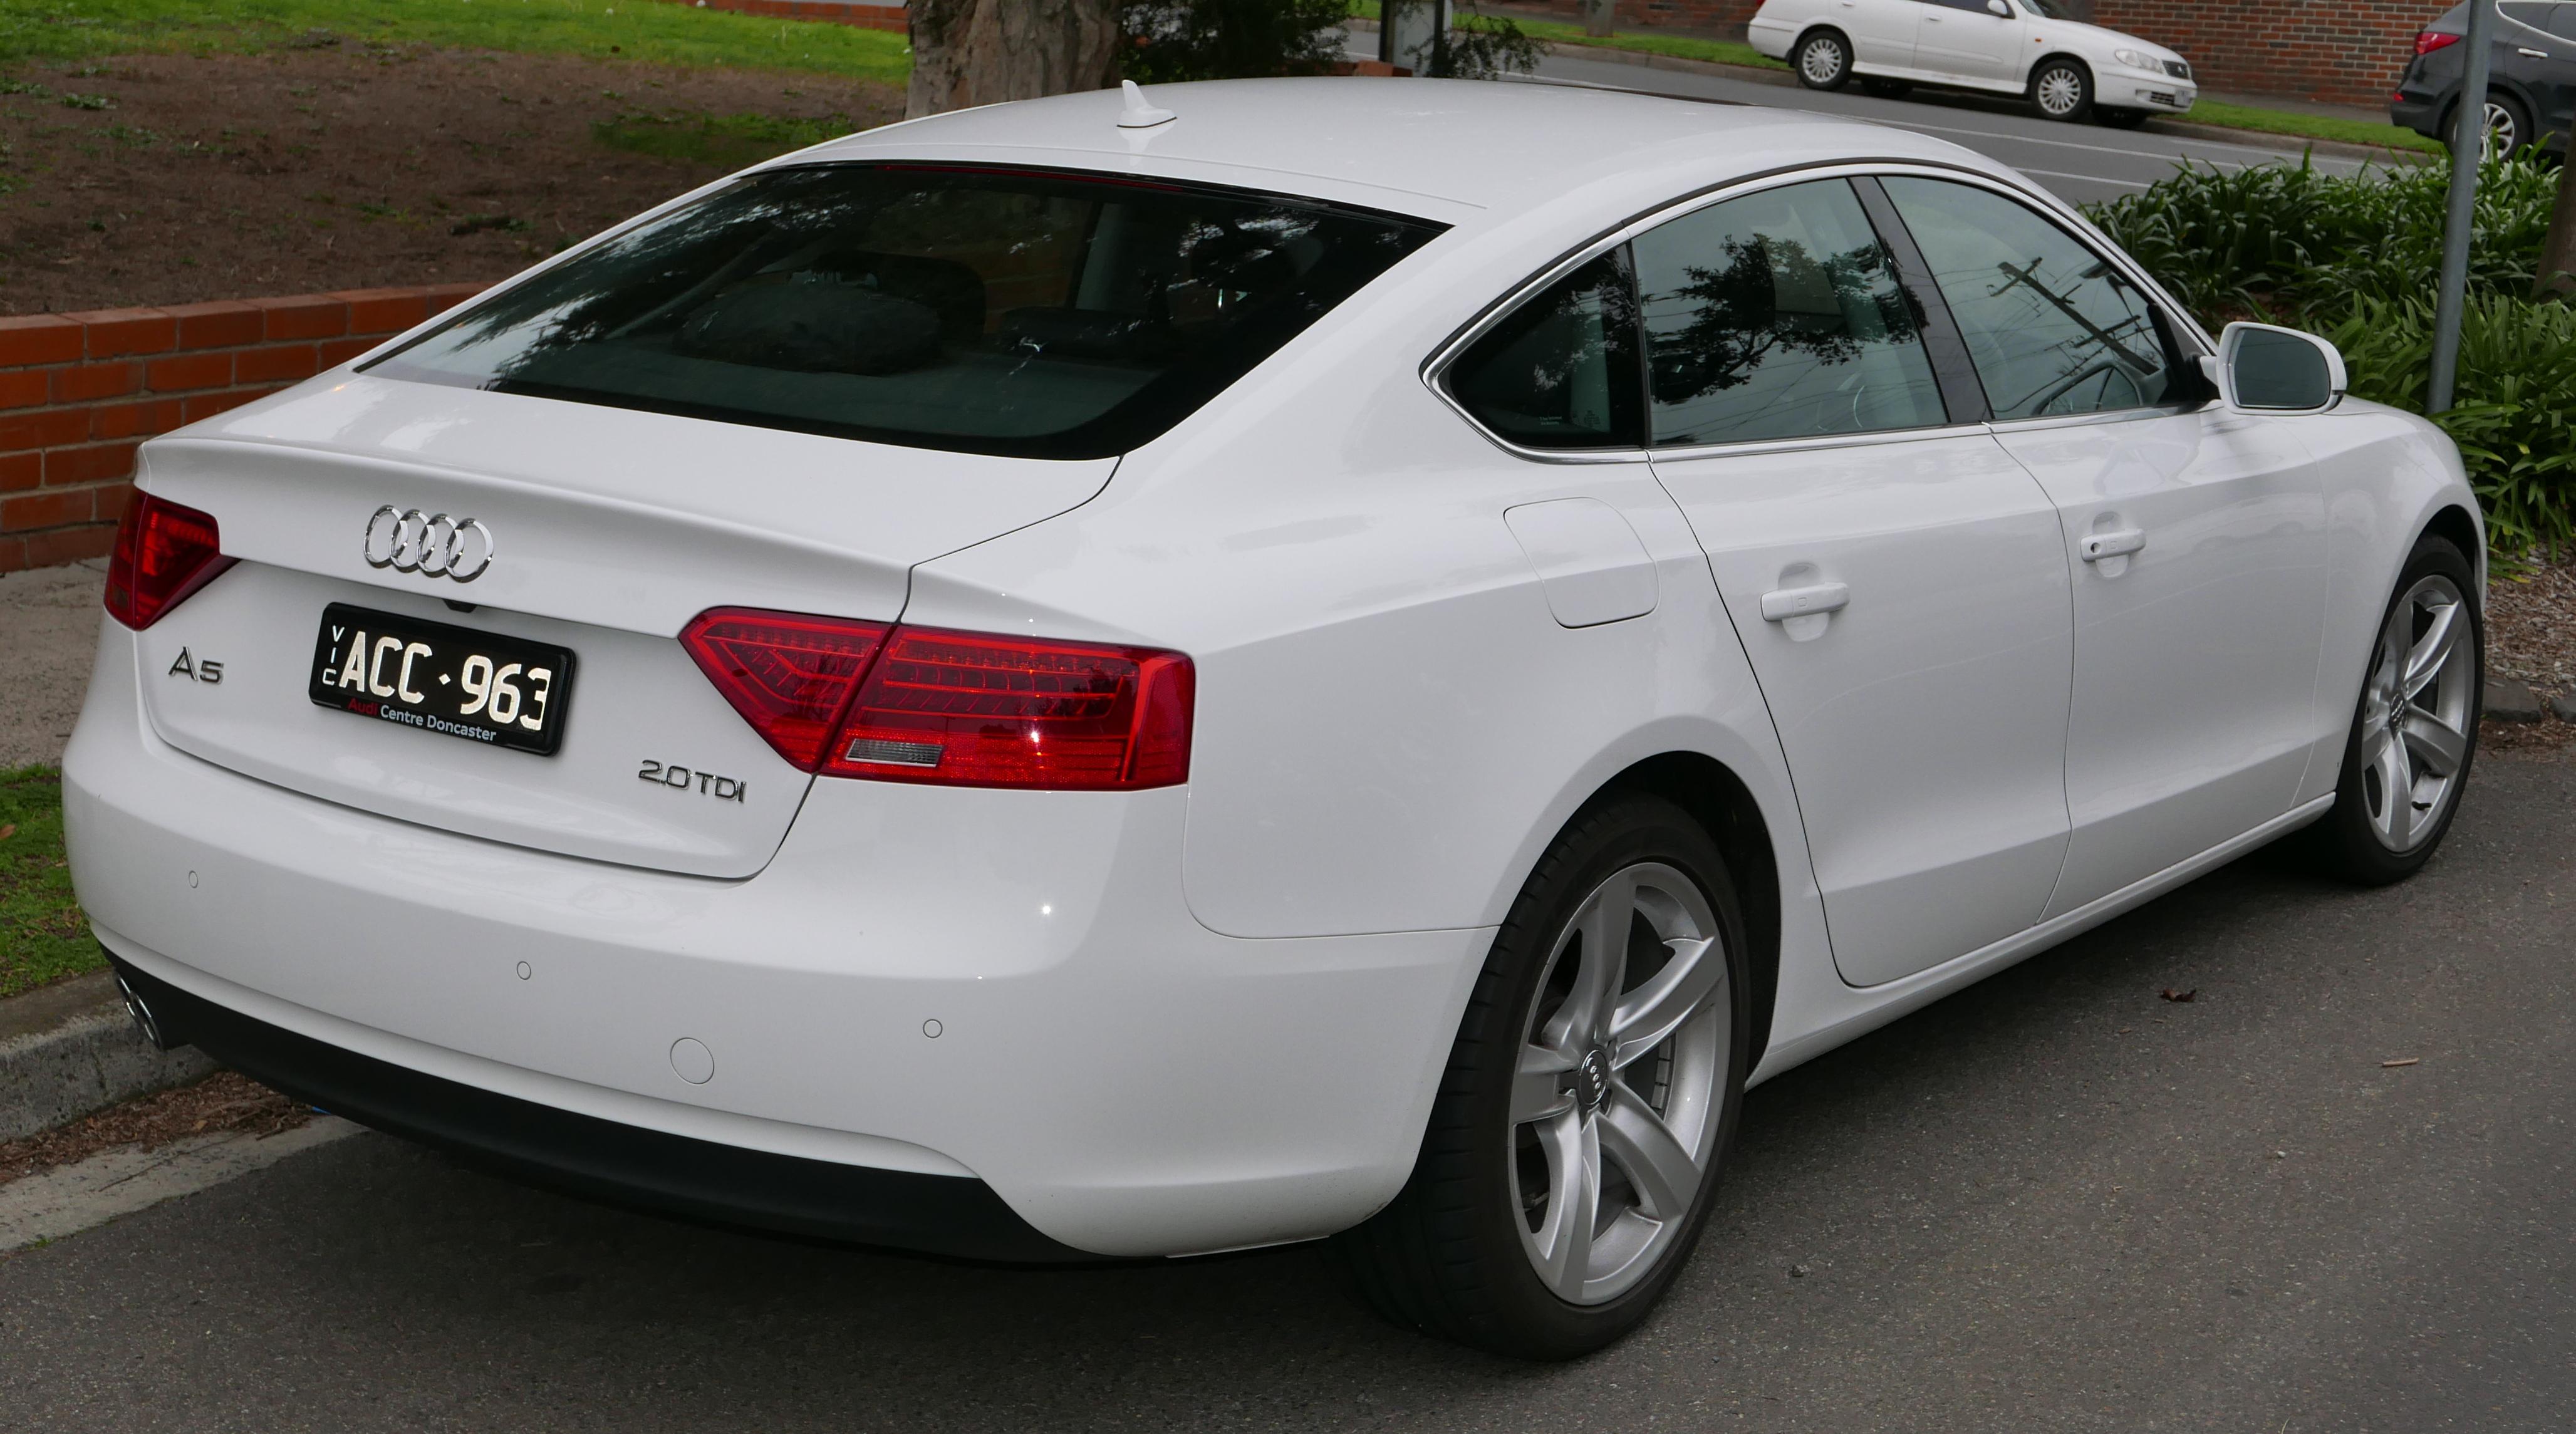 Audi a5 tdi 2015 price 19